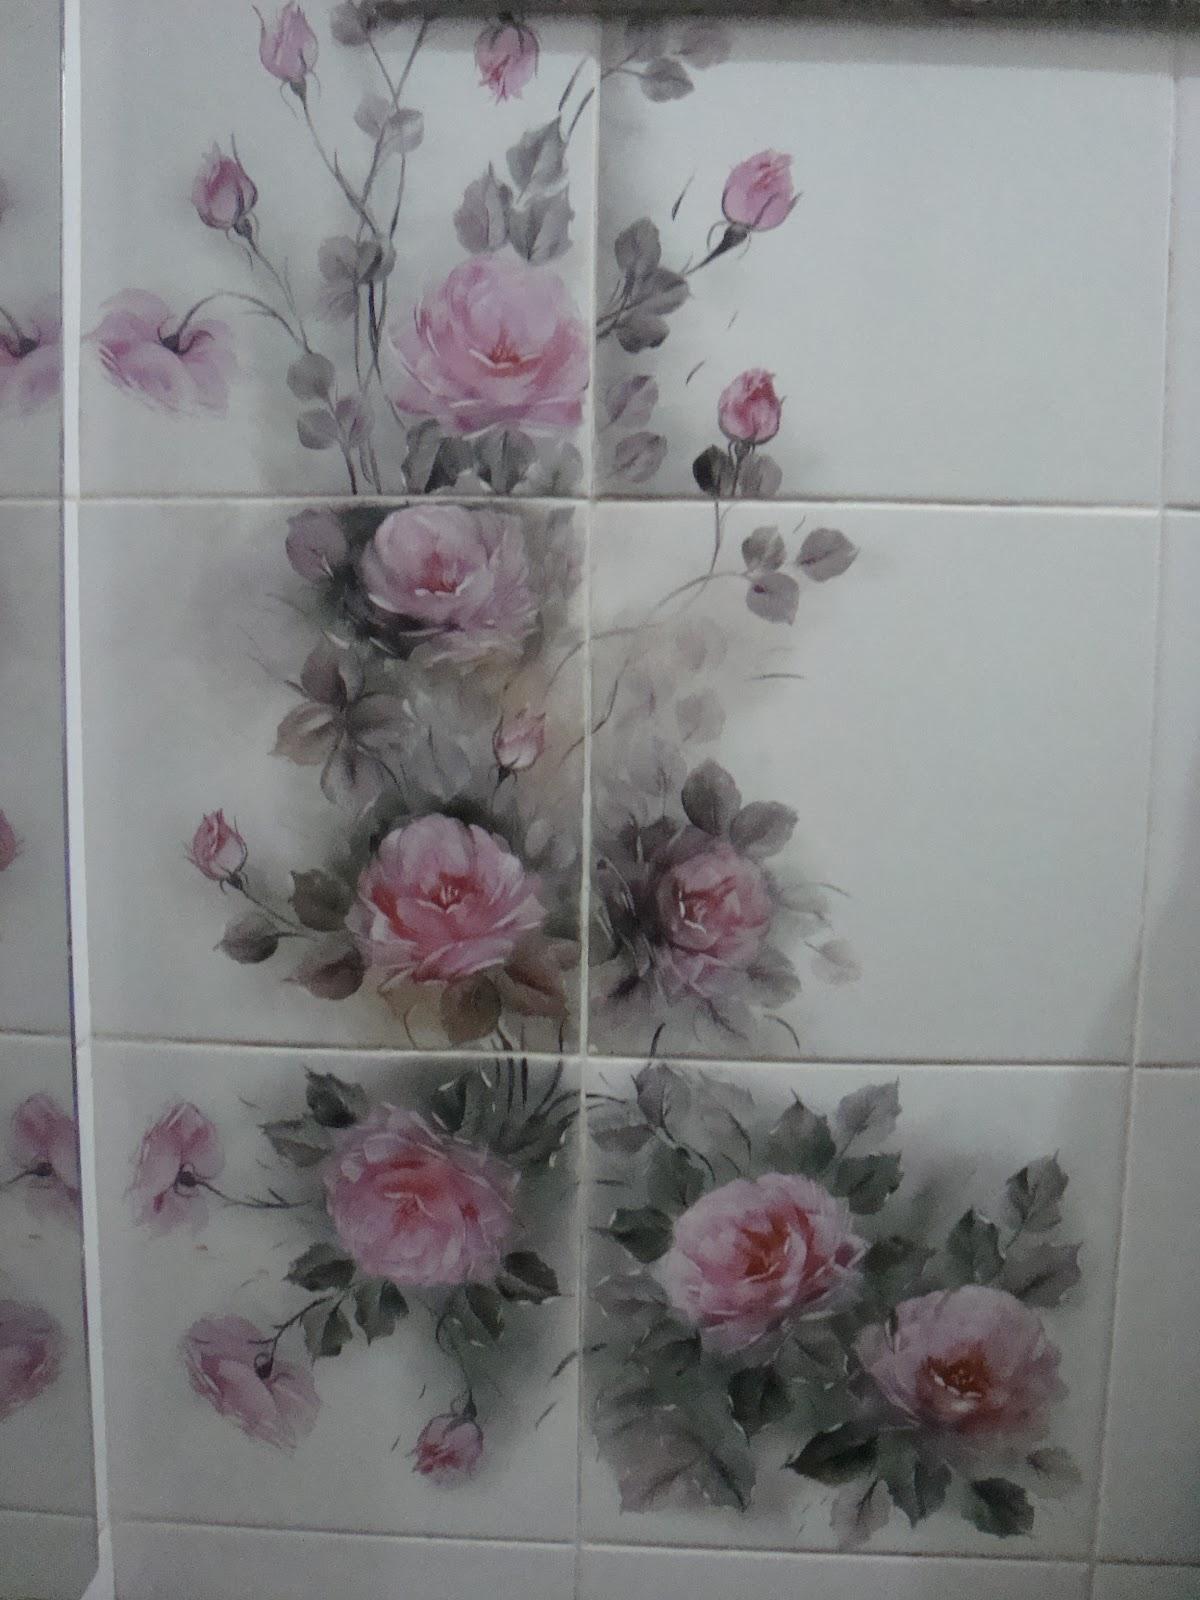 Azulejos Para Banheiro Pequeno 9 Azulejos Para Banheiro Pequeno 9 #60464B 1200x1600 Azulejo Banheiro Pequeno